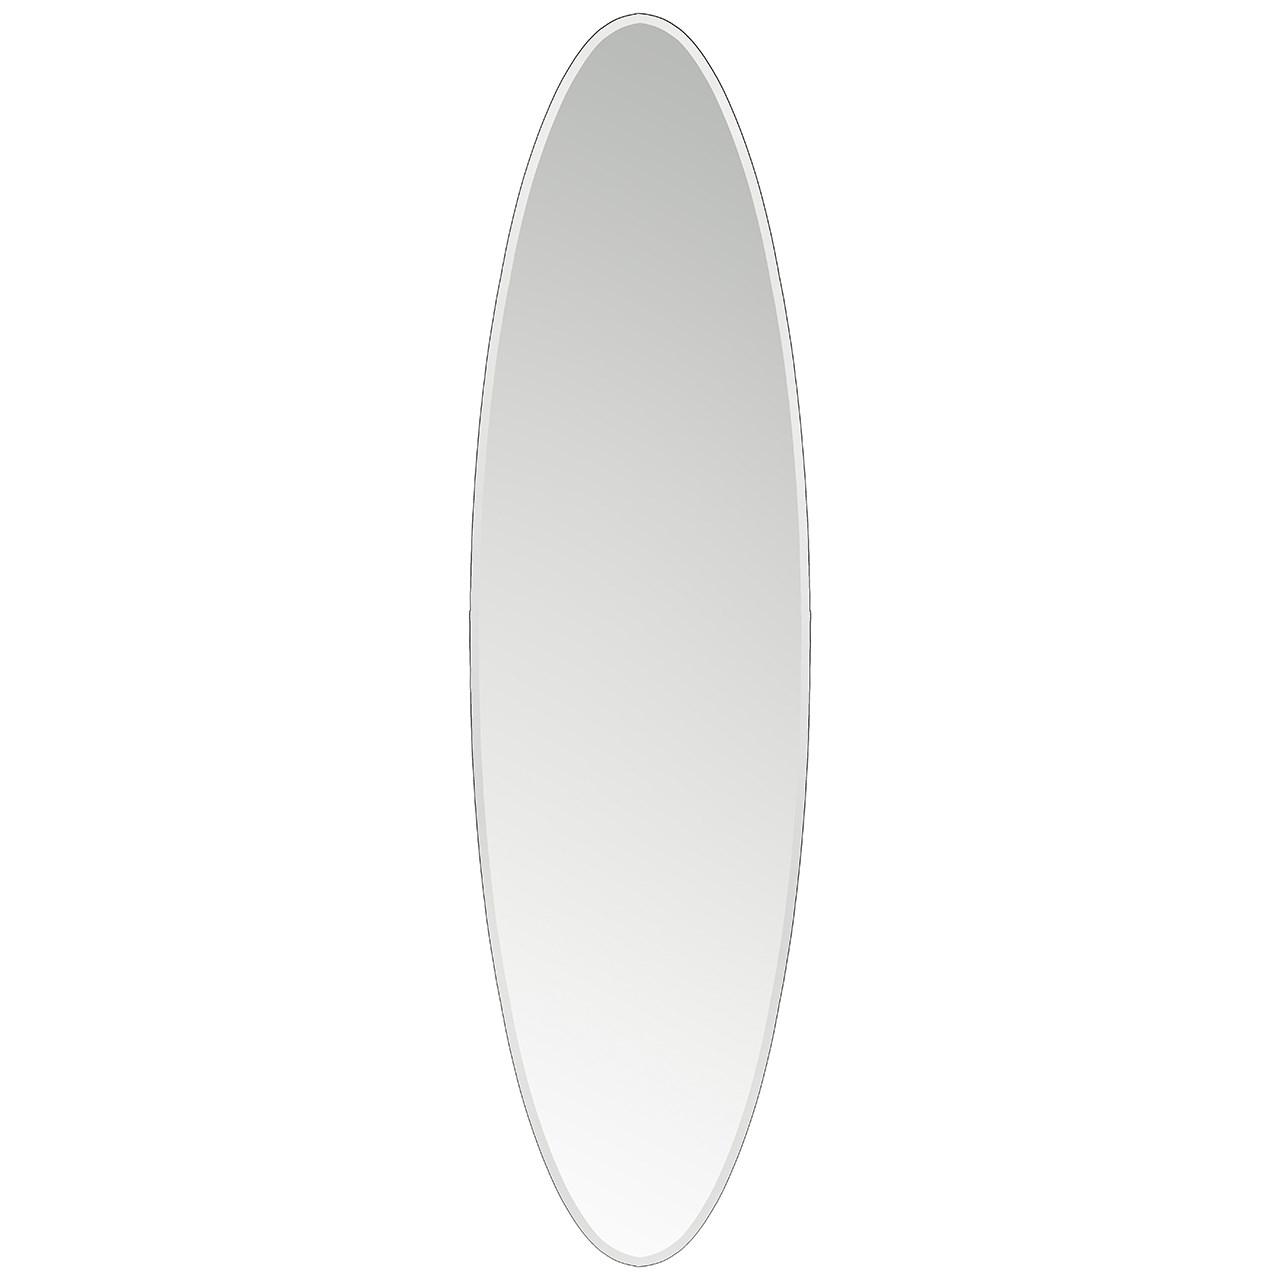 آینه تزئینی تهران آینه کد 888